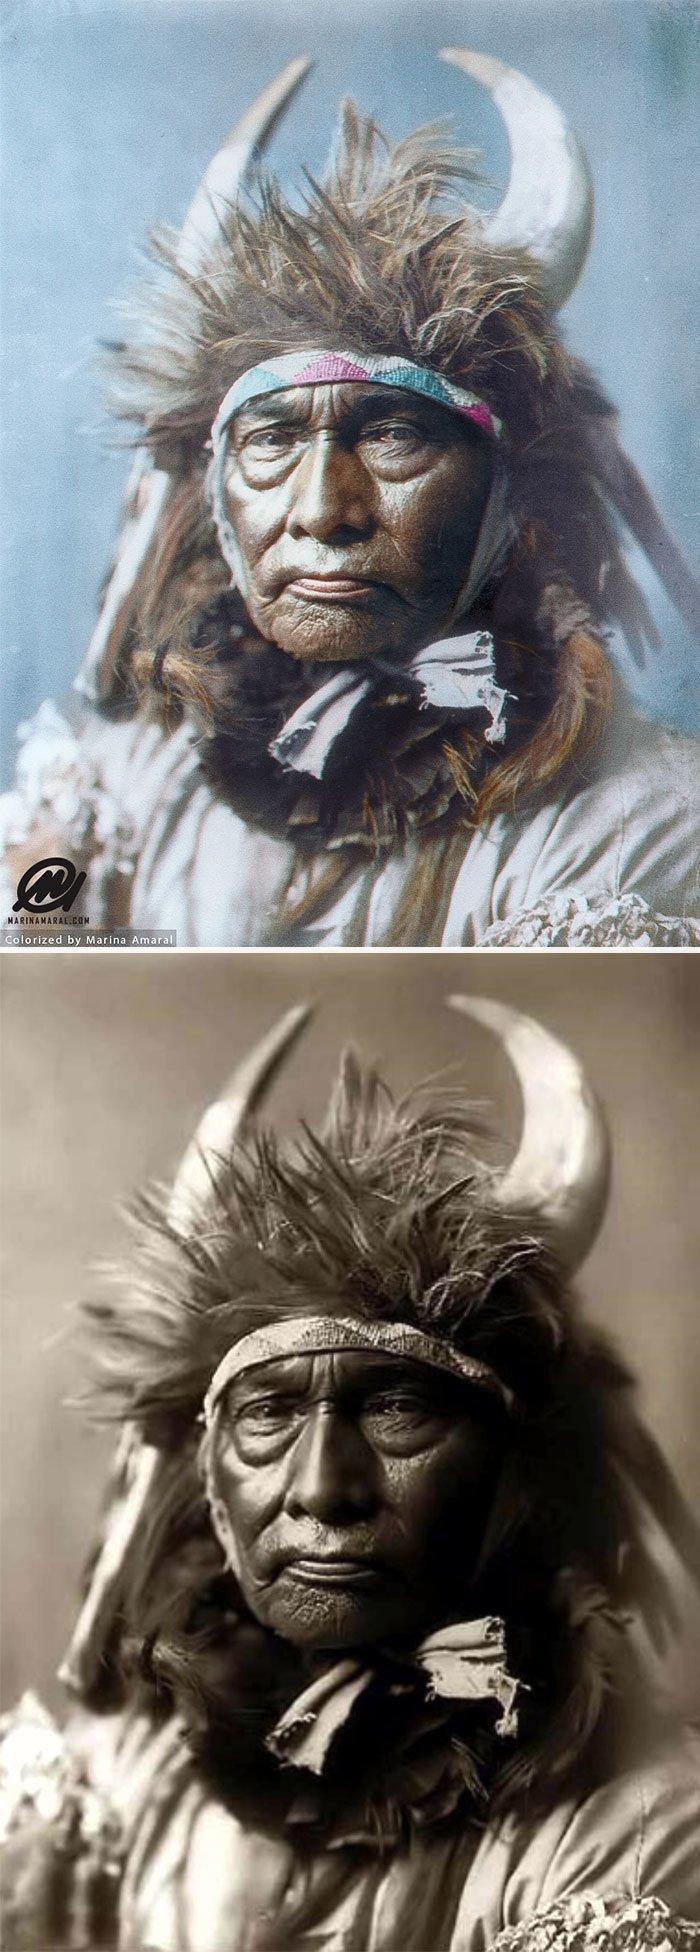 Вождь Бык, племя Апсароке, 1908 год история, портрет, прошлое, событие, фотография, фотомир, цвет